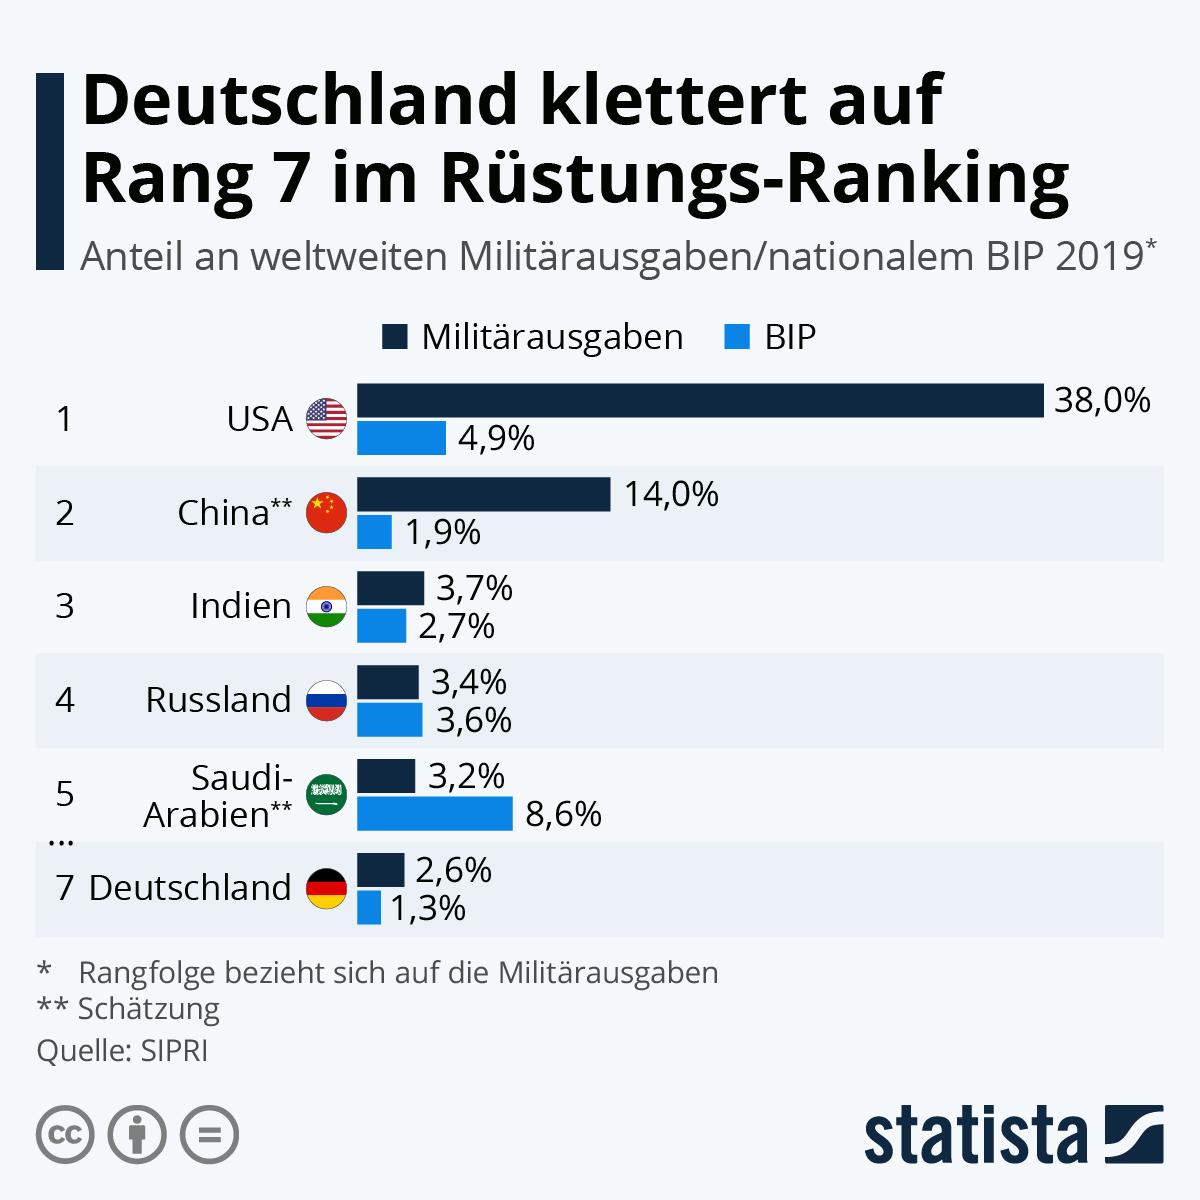 Deutschland klettert auf Rang 7 im Rüstungs-Ranking | Statista